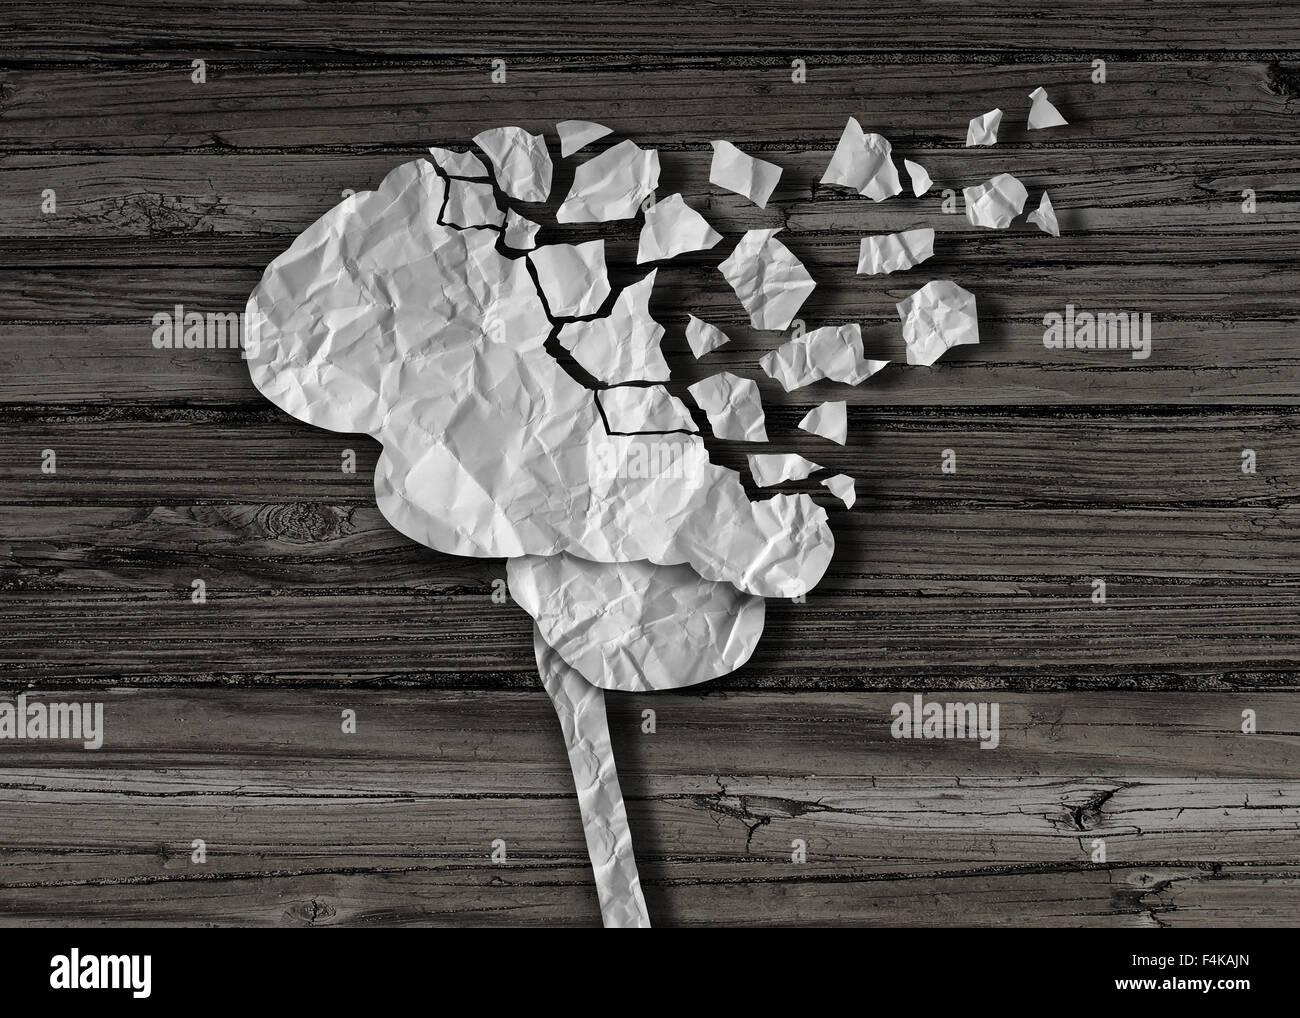 Demenz oder Hirnschäden und Verletzungen als psychische Gesundheit und Neurologie medizinische Symbol mit einem Stockbild